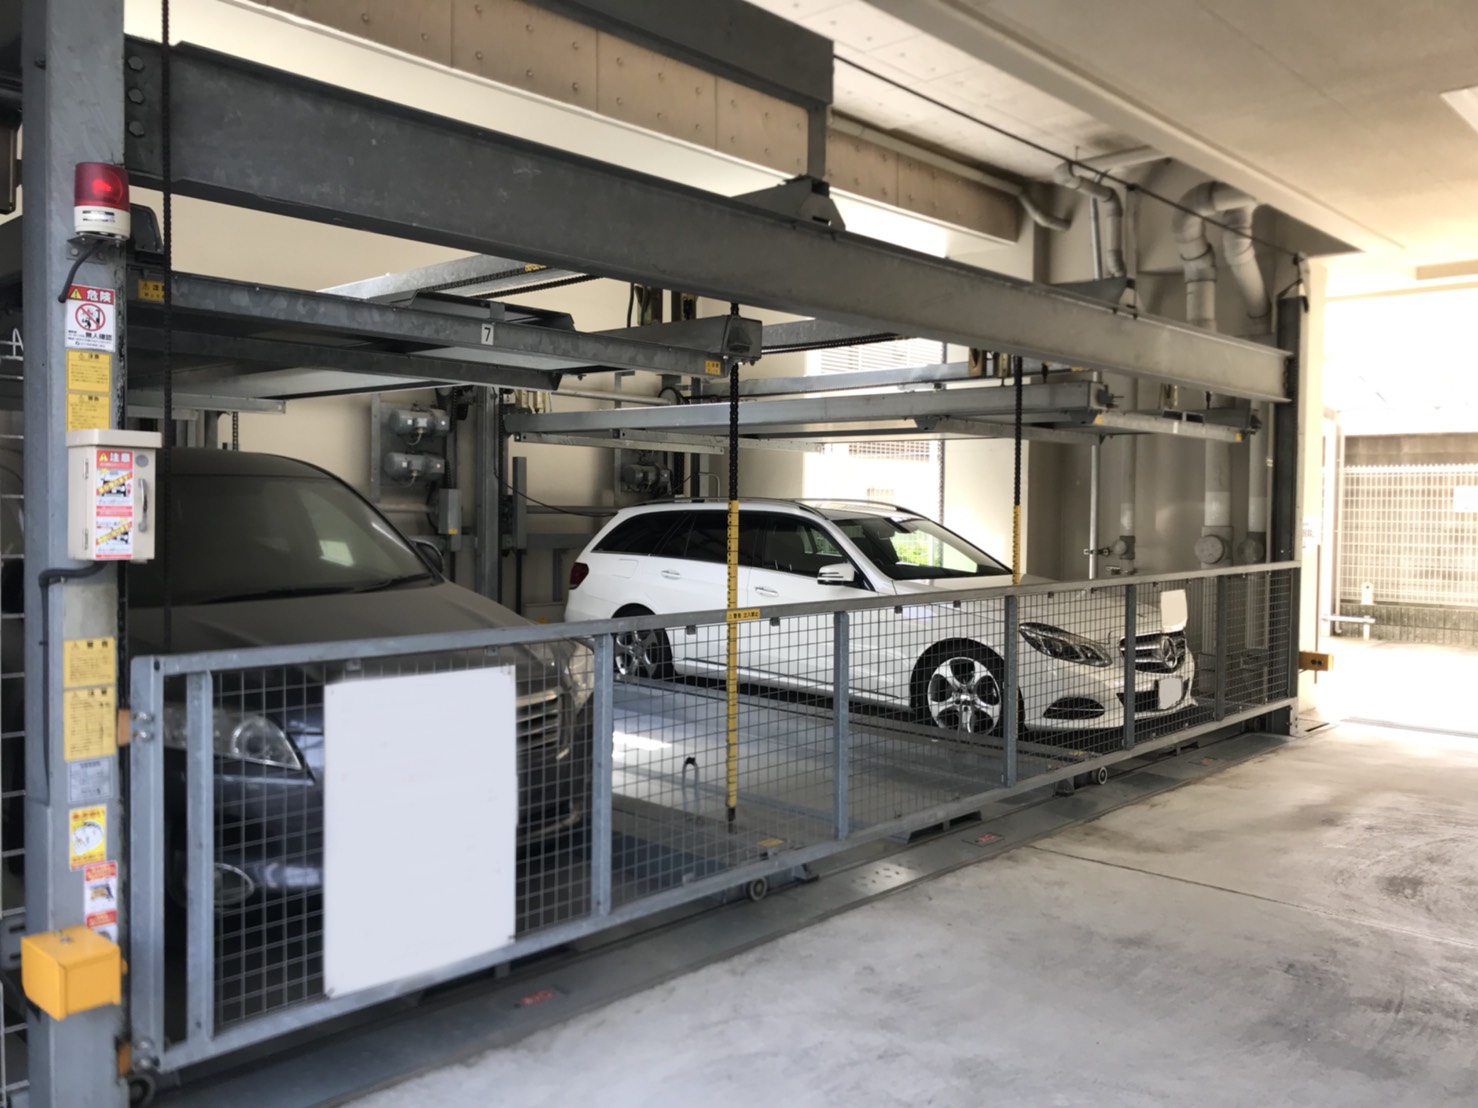 2018年5月度 9件の立体駐車場メンテナンス新規受託を頂きました!